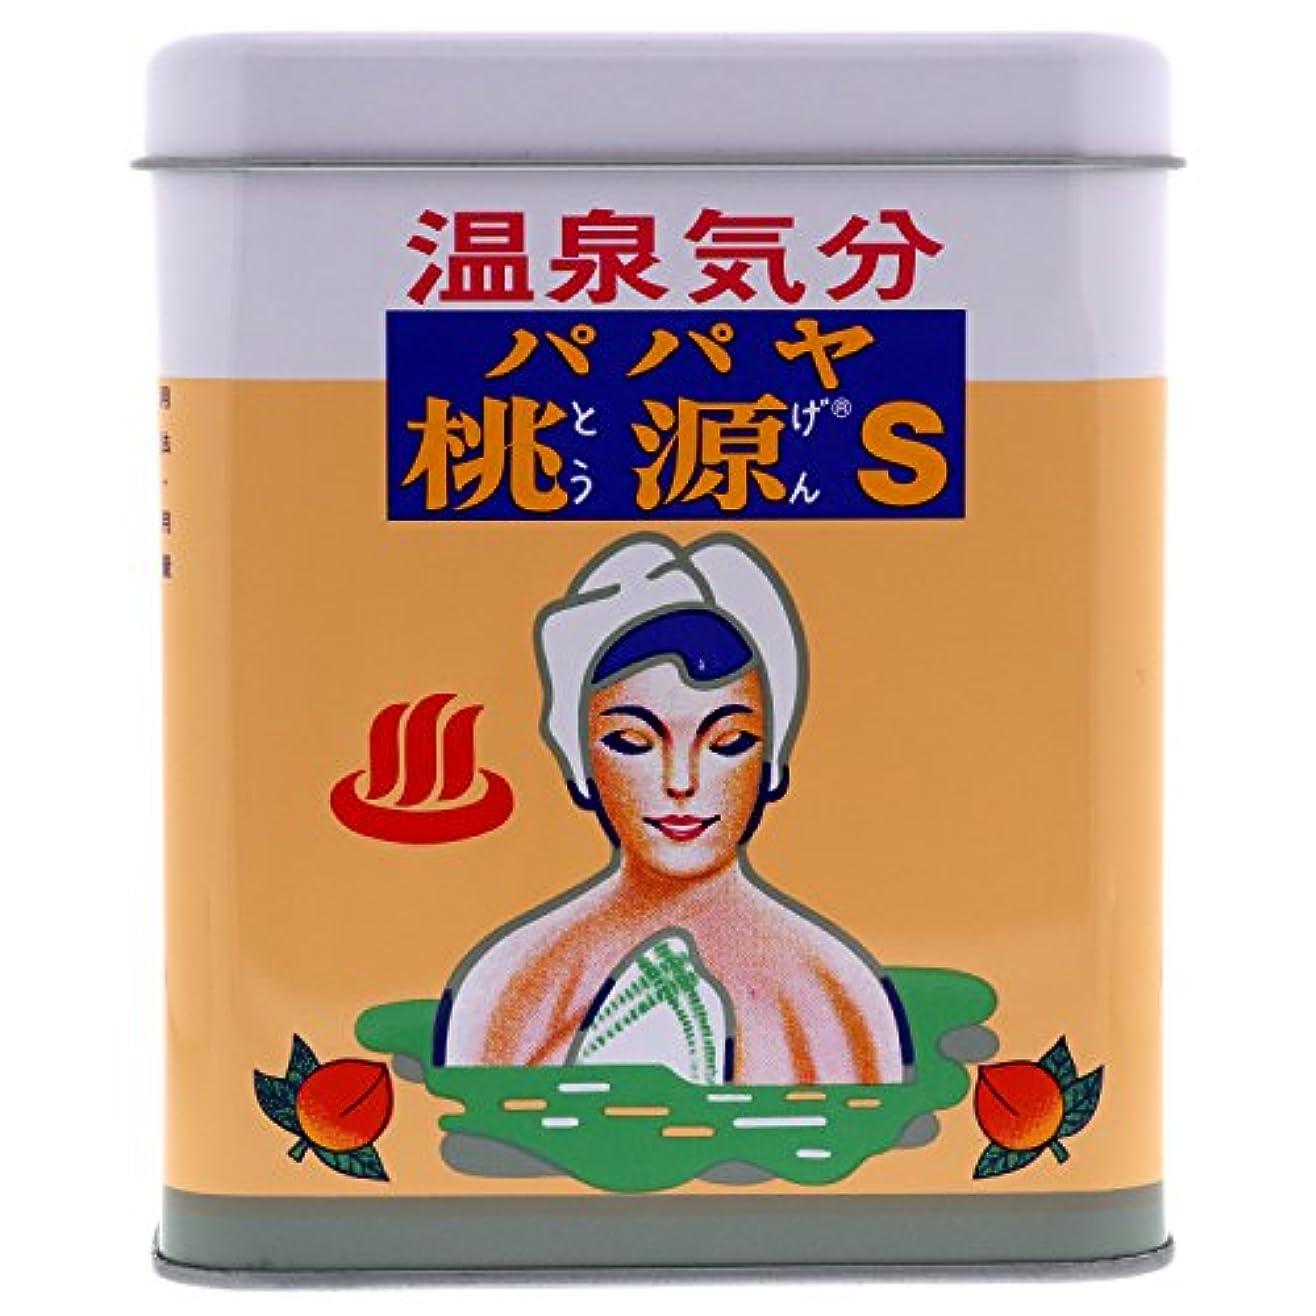 ダブル待つ詐欺師パパヤ桃源S 700g 缶 [医薬部外品]